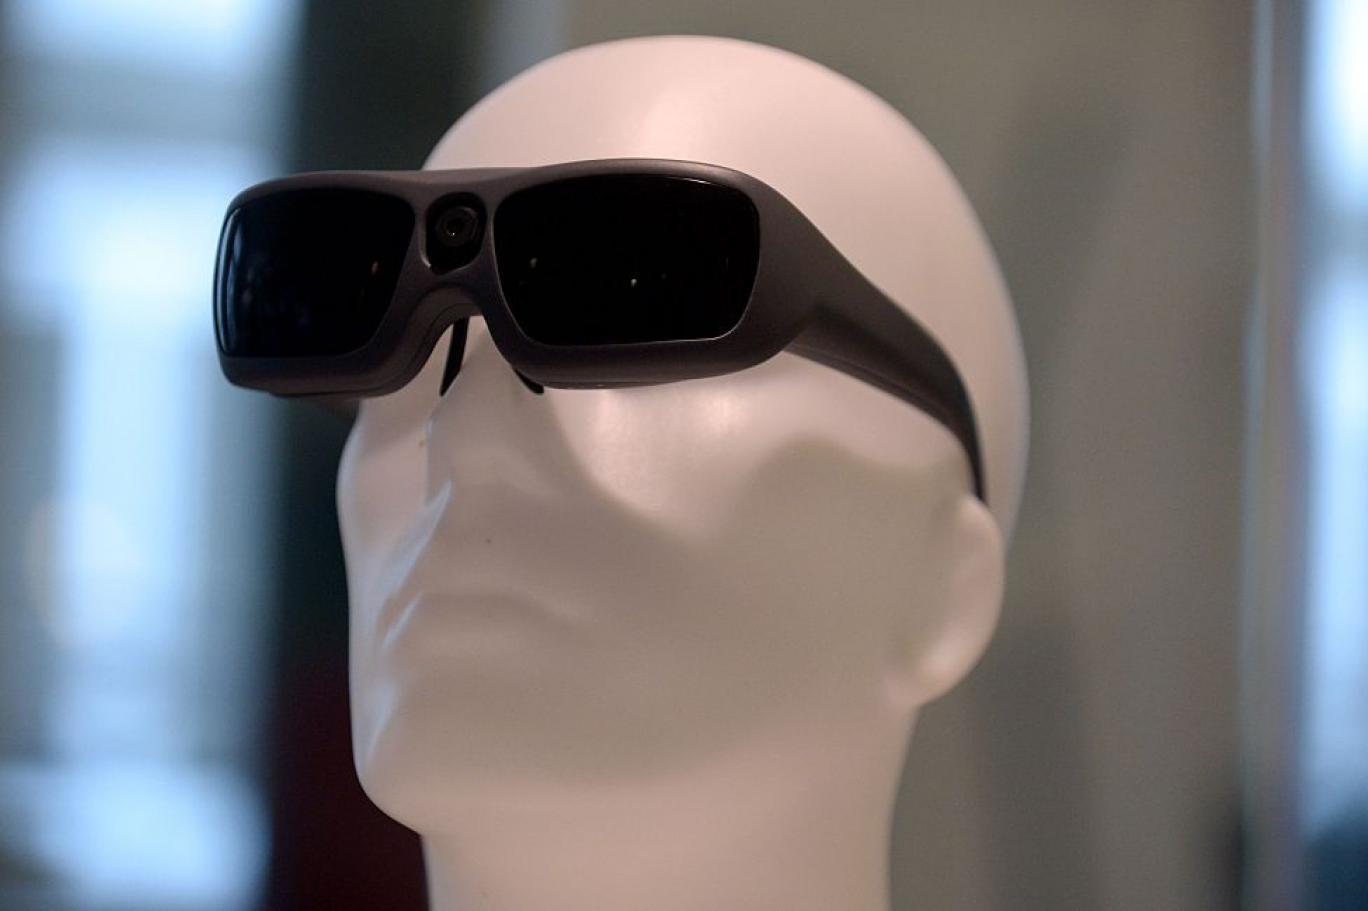 علم الأعصاب والتكنولوجيا قد يسمحان يوما بإعادة قدرة البصر لدى بعض المكفوفين ..!!